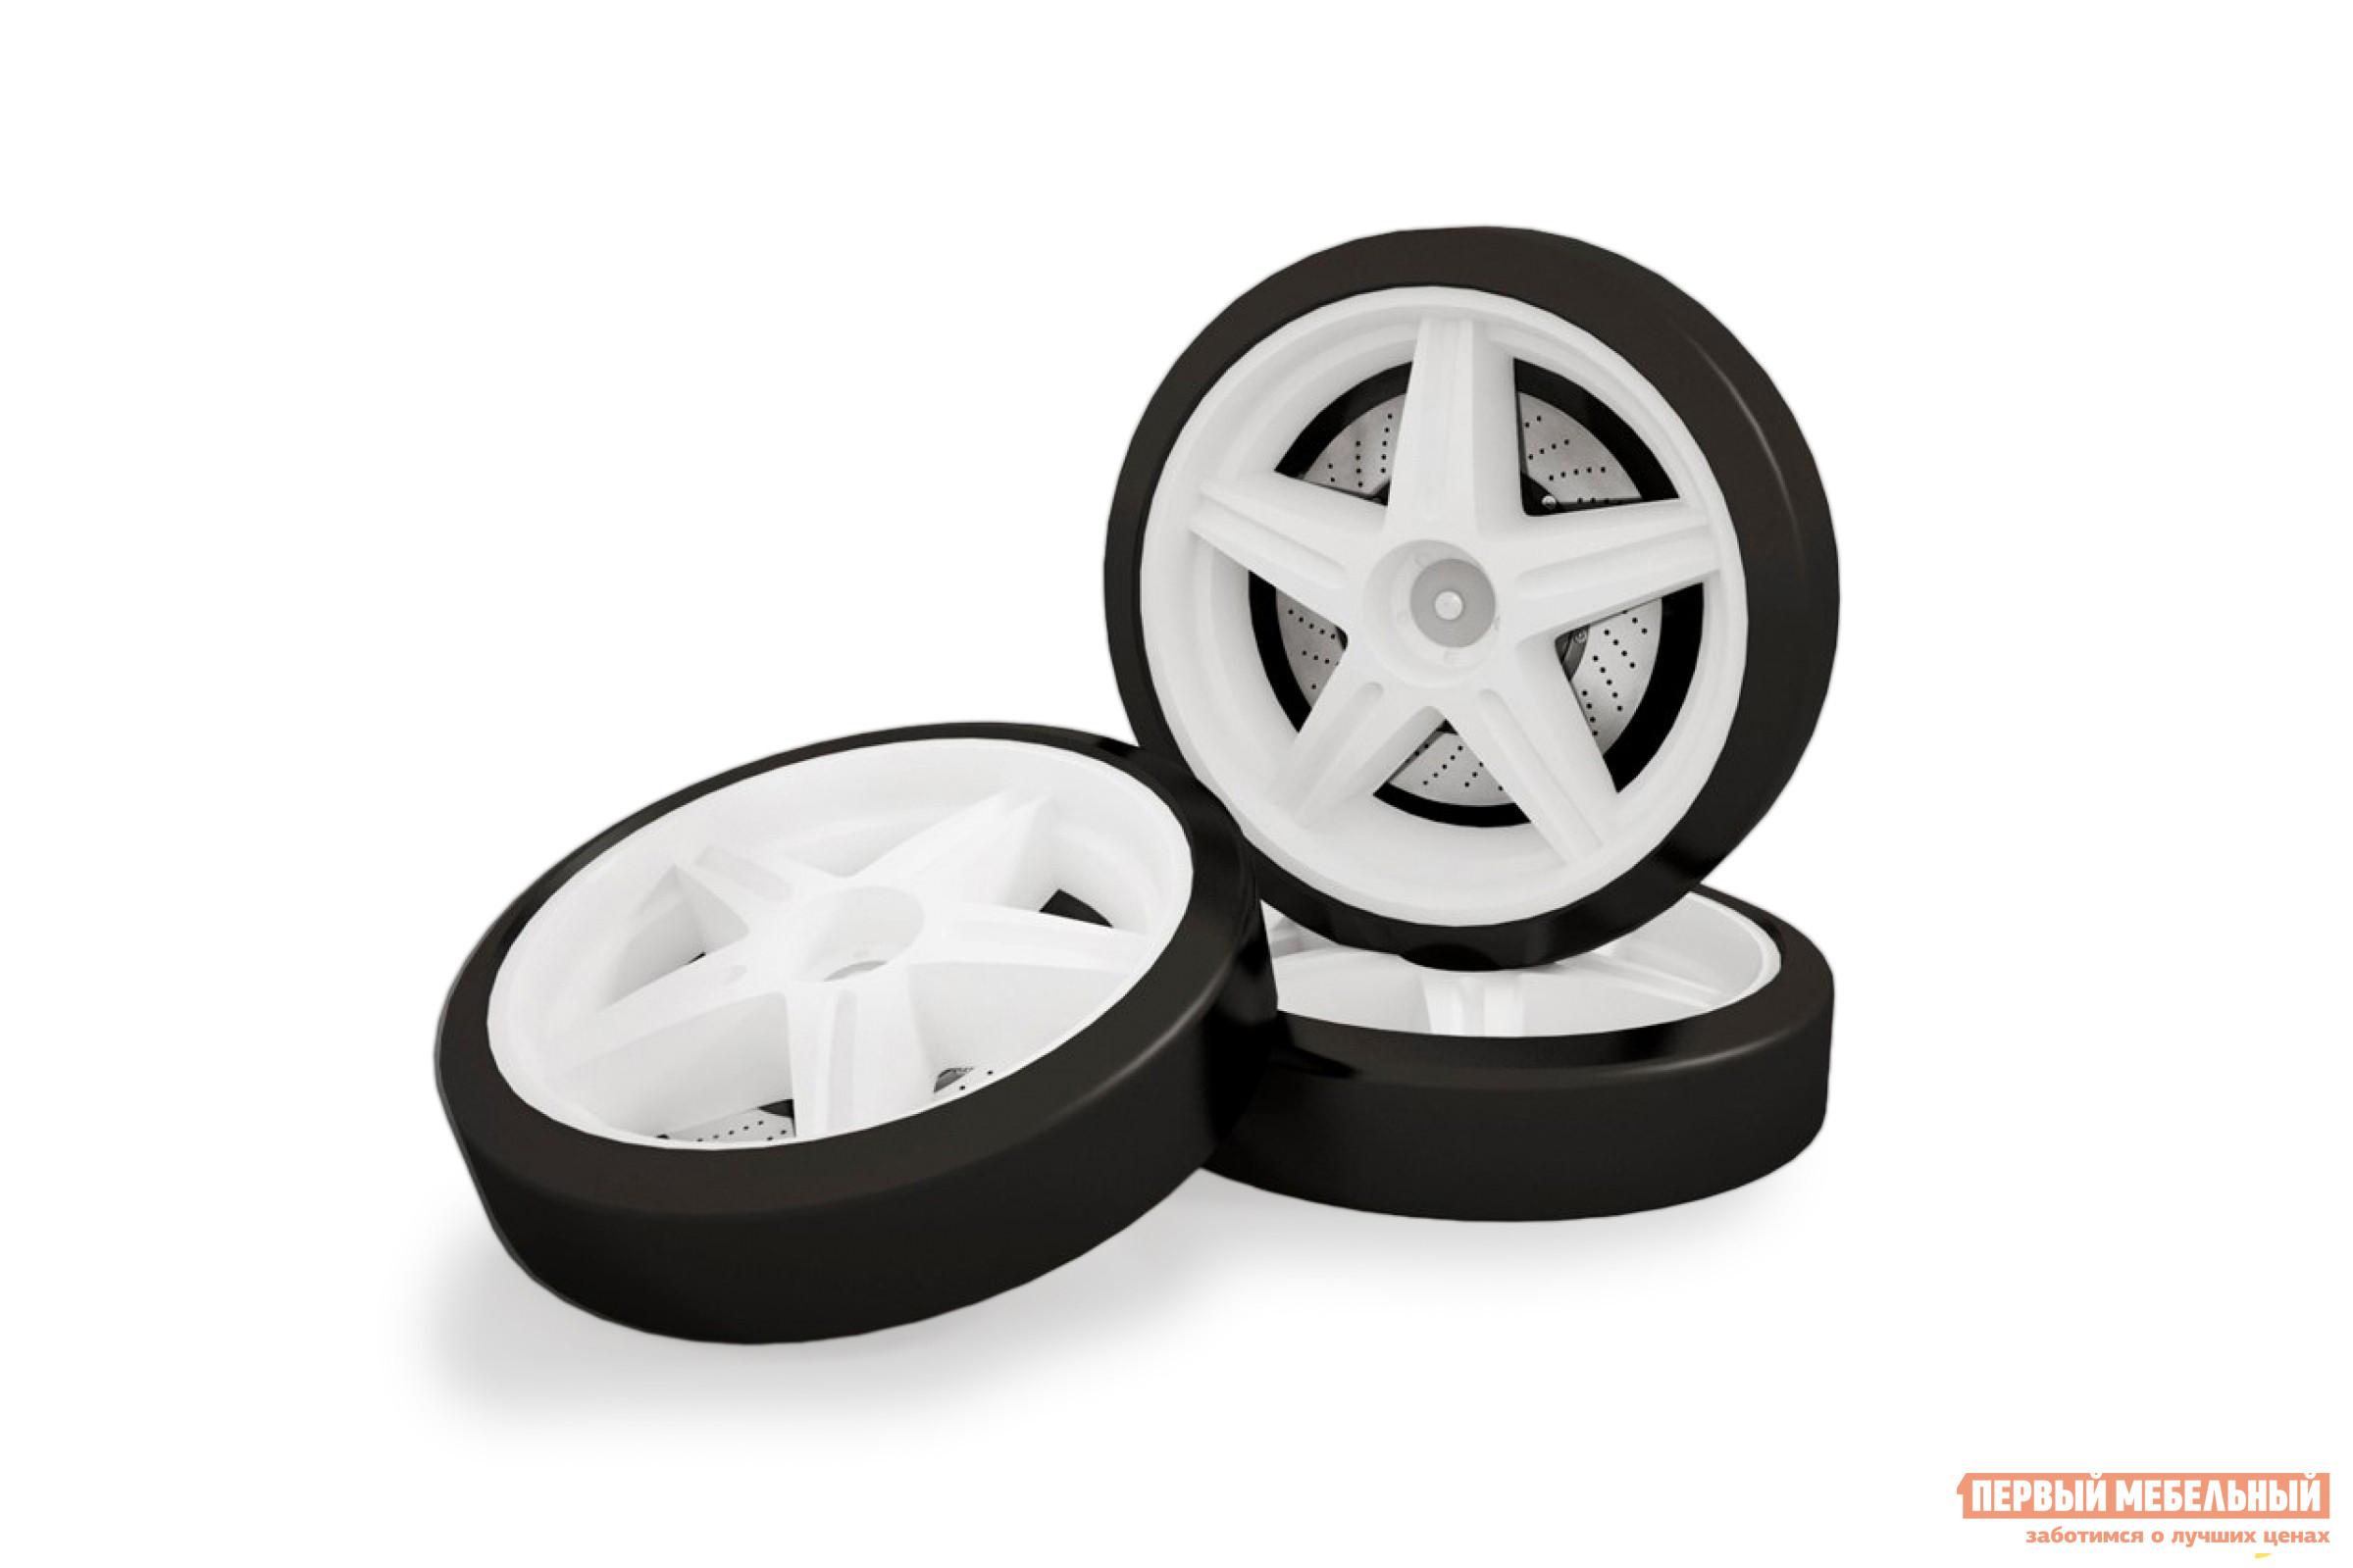 Аксессуар Bed-mobile Накладные колеса с дисками для БМВ/Мерседес/Мозерати, Ауди А6, 2 шт bmv 3 gt в германии